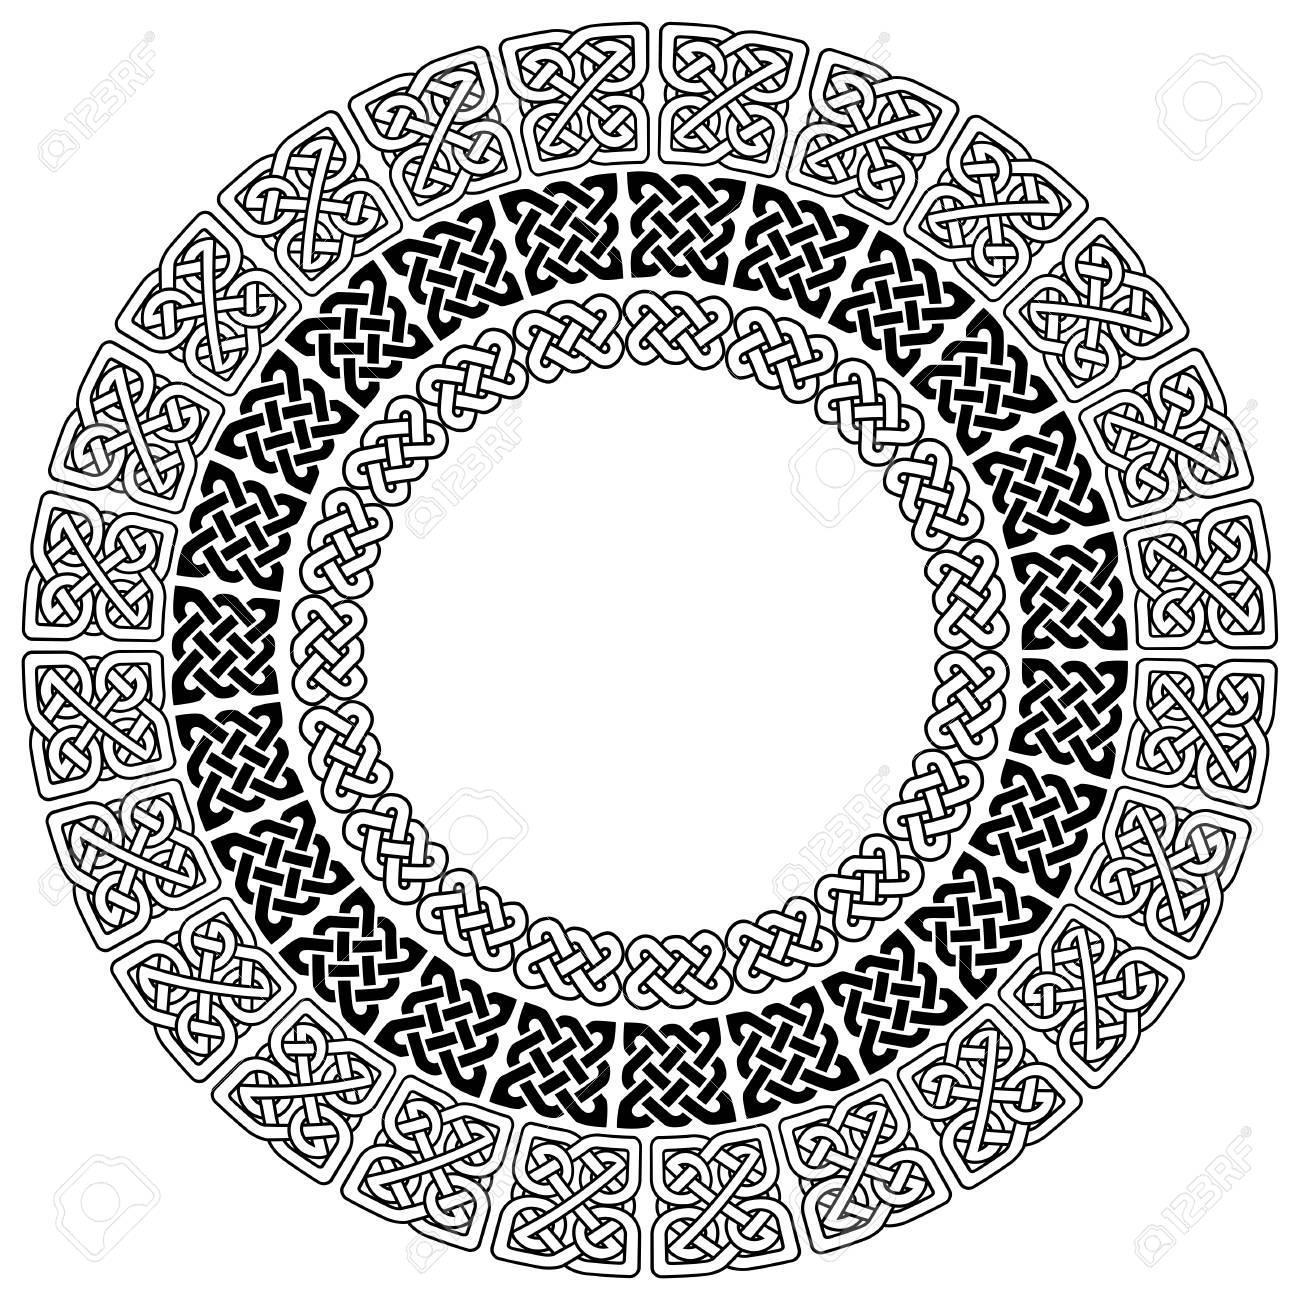 Mandala De Estilo De Estilo Celta Símbolos Sin Fin Del Nudo En ...